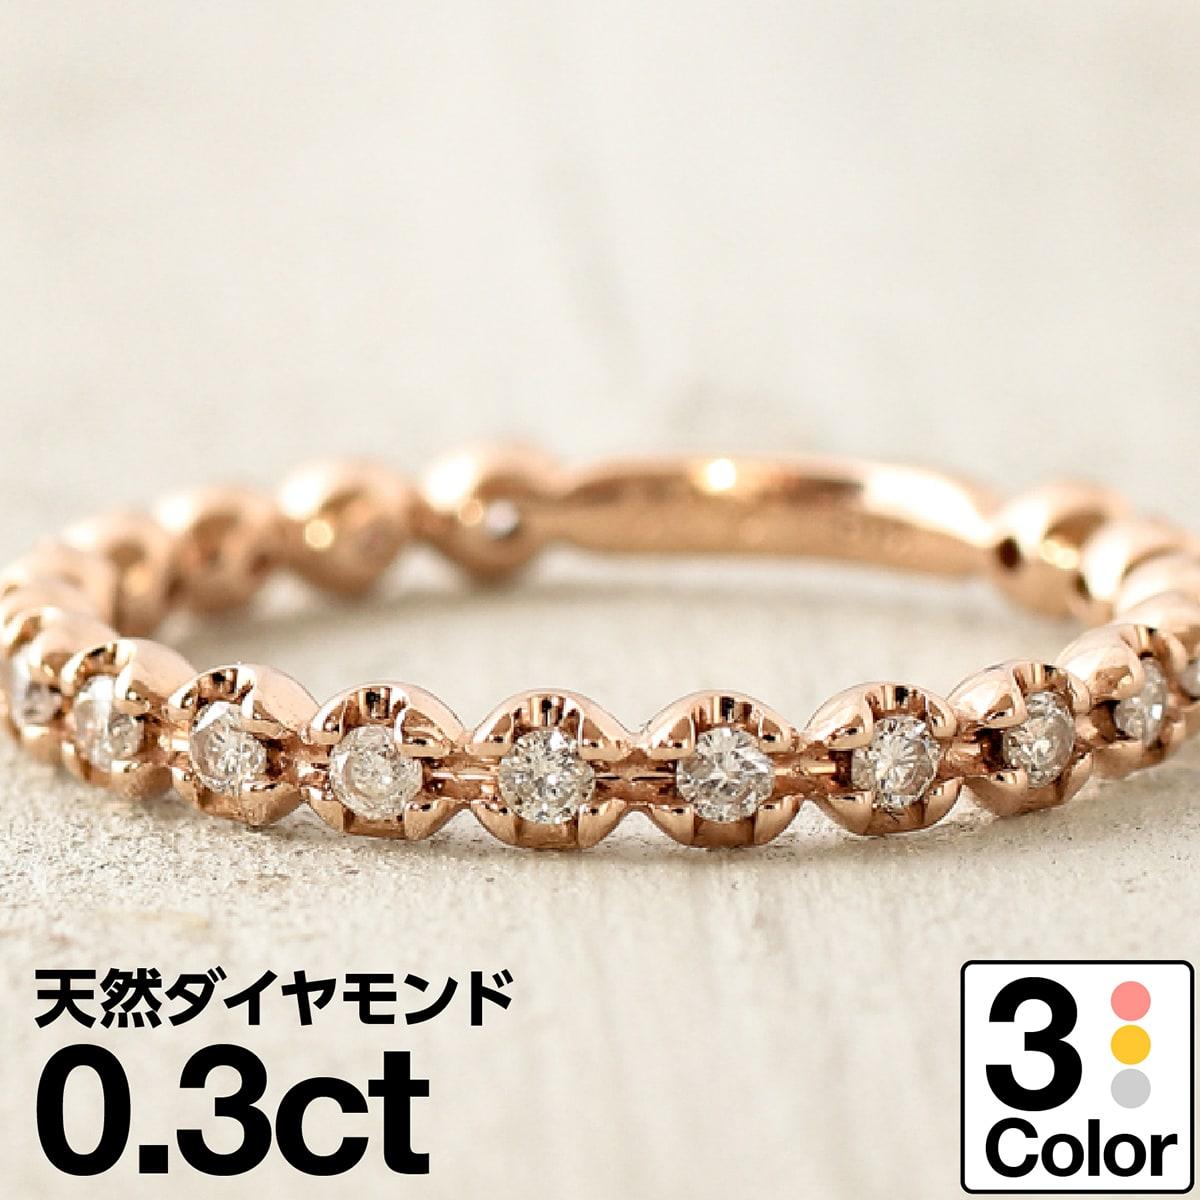 エタニティ リング ダイヤモンド k10 イエローゴールド/ホワイトゴールド/ピンクゴールド ファッションリング 品質保証書 金属アレルギー 日本製 誕生日 ギフト